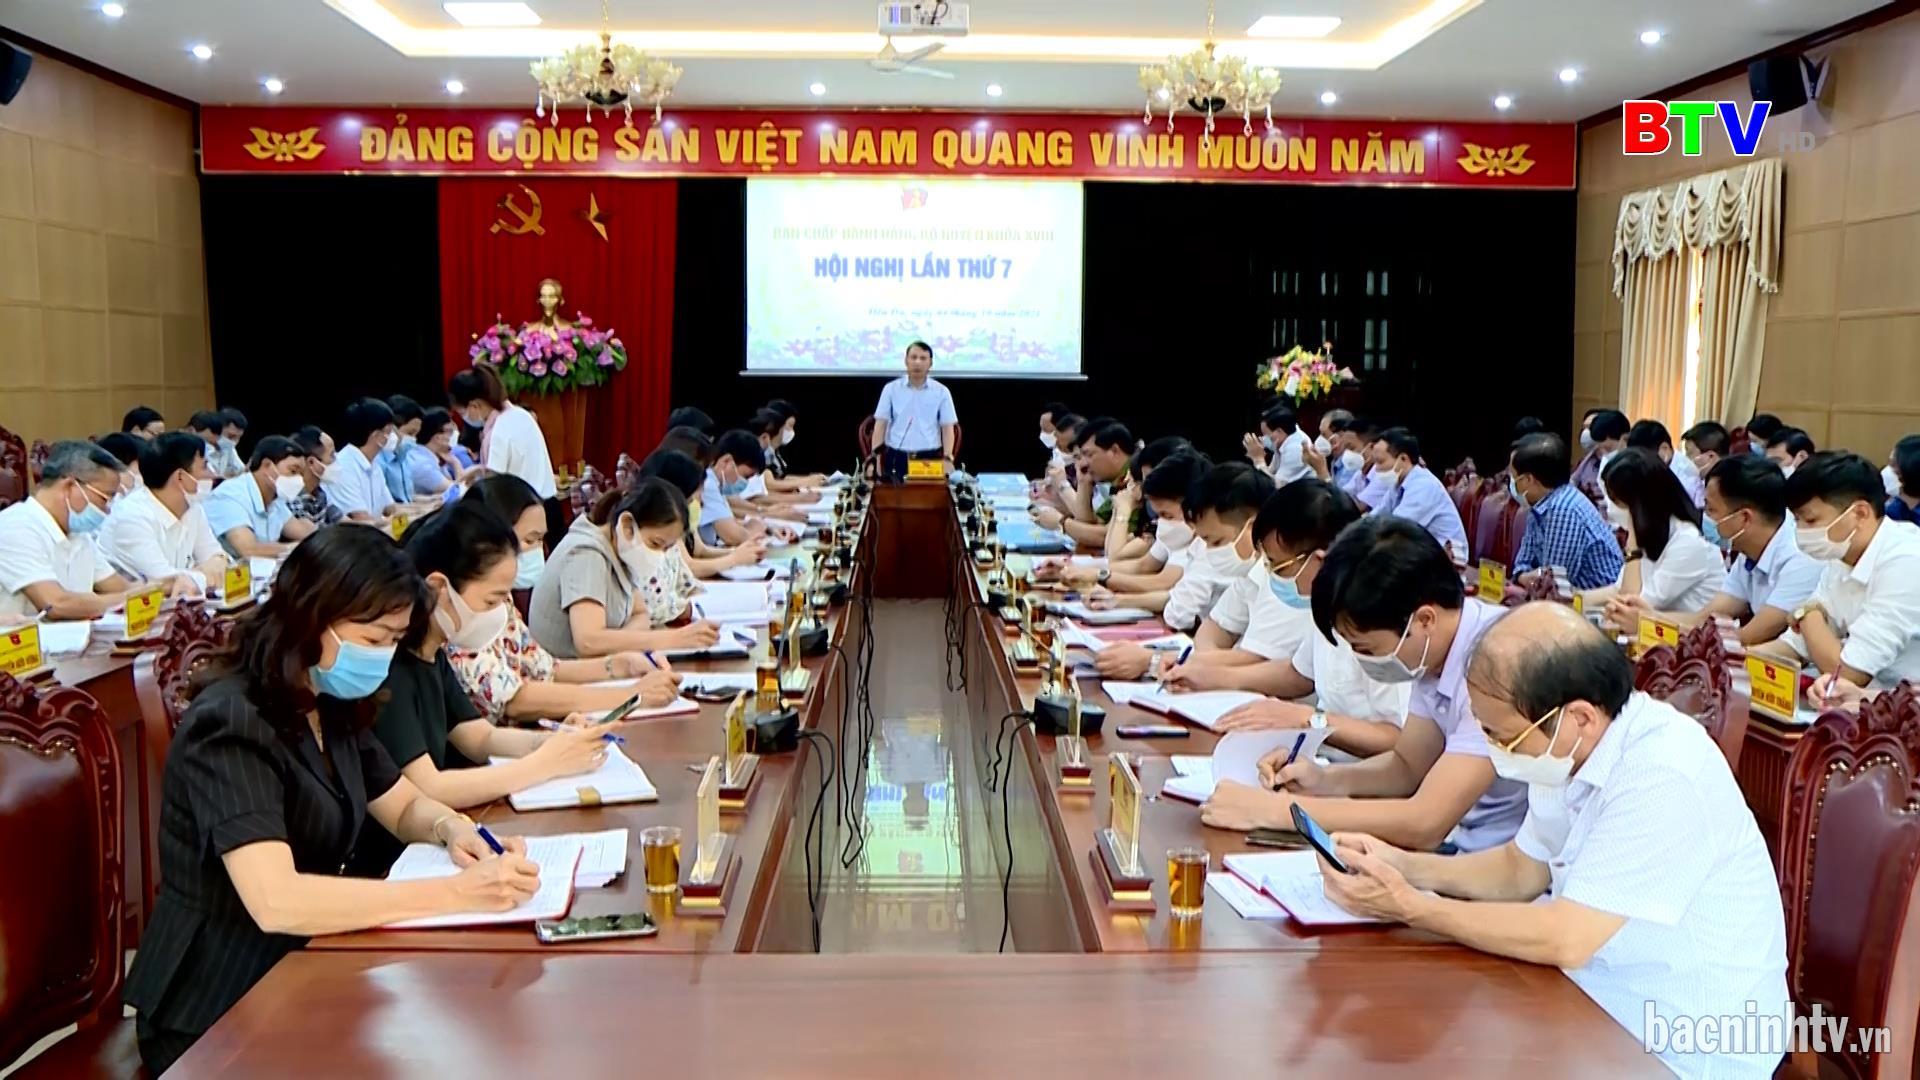 Hội nghị lần thứ 7 Ban Chấp hành Đảng bộ huyện Tiên Du khóa XVIII